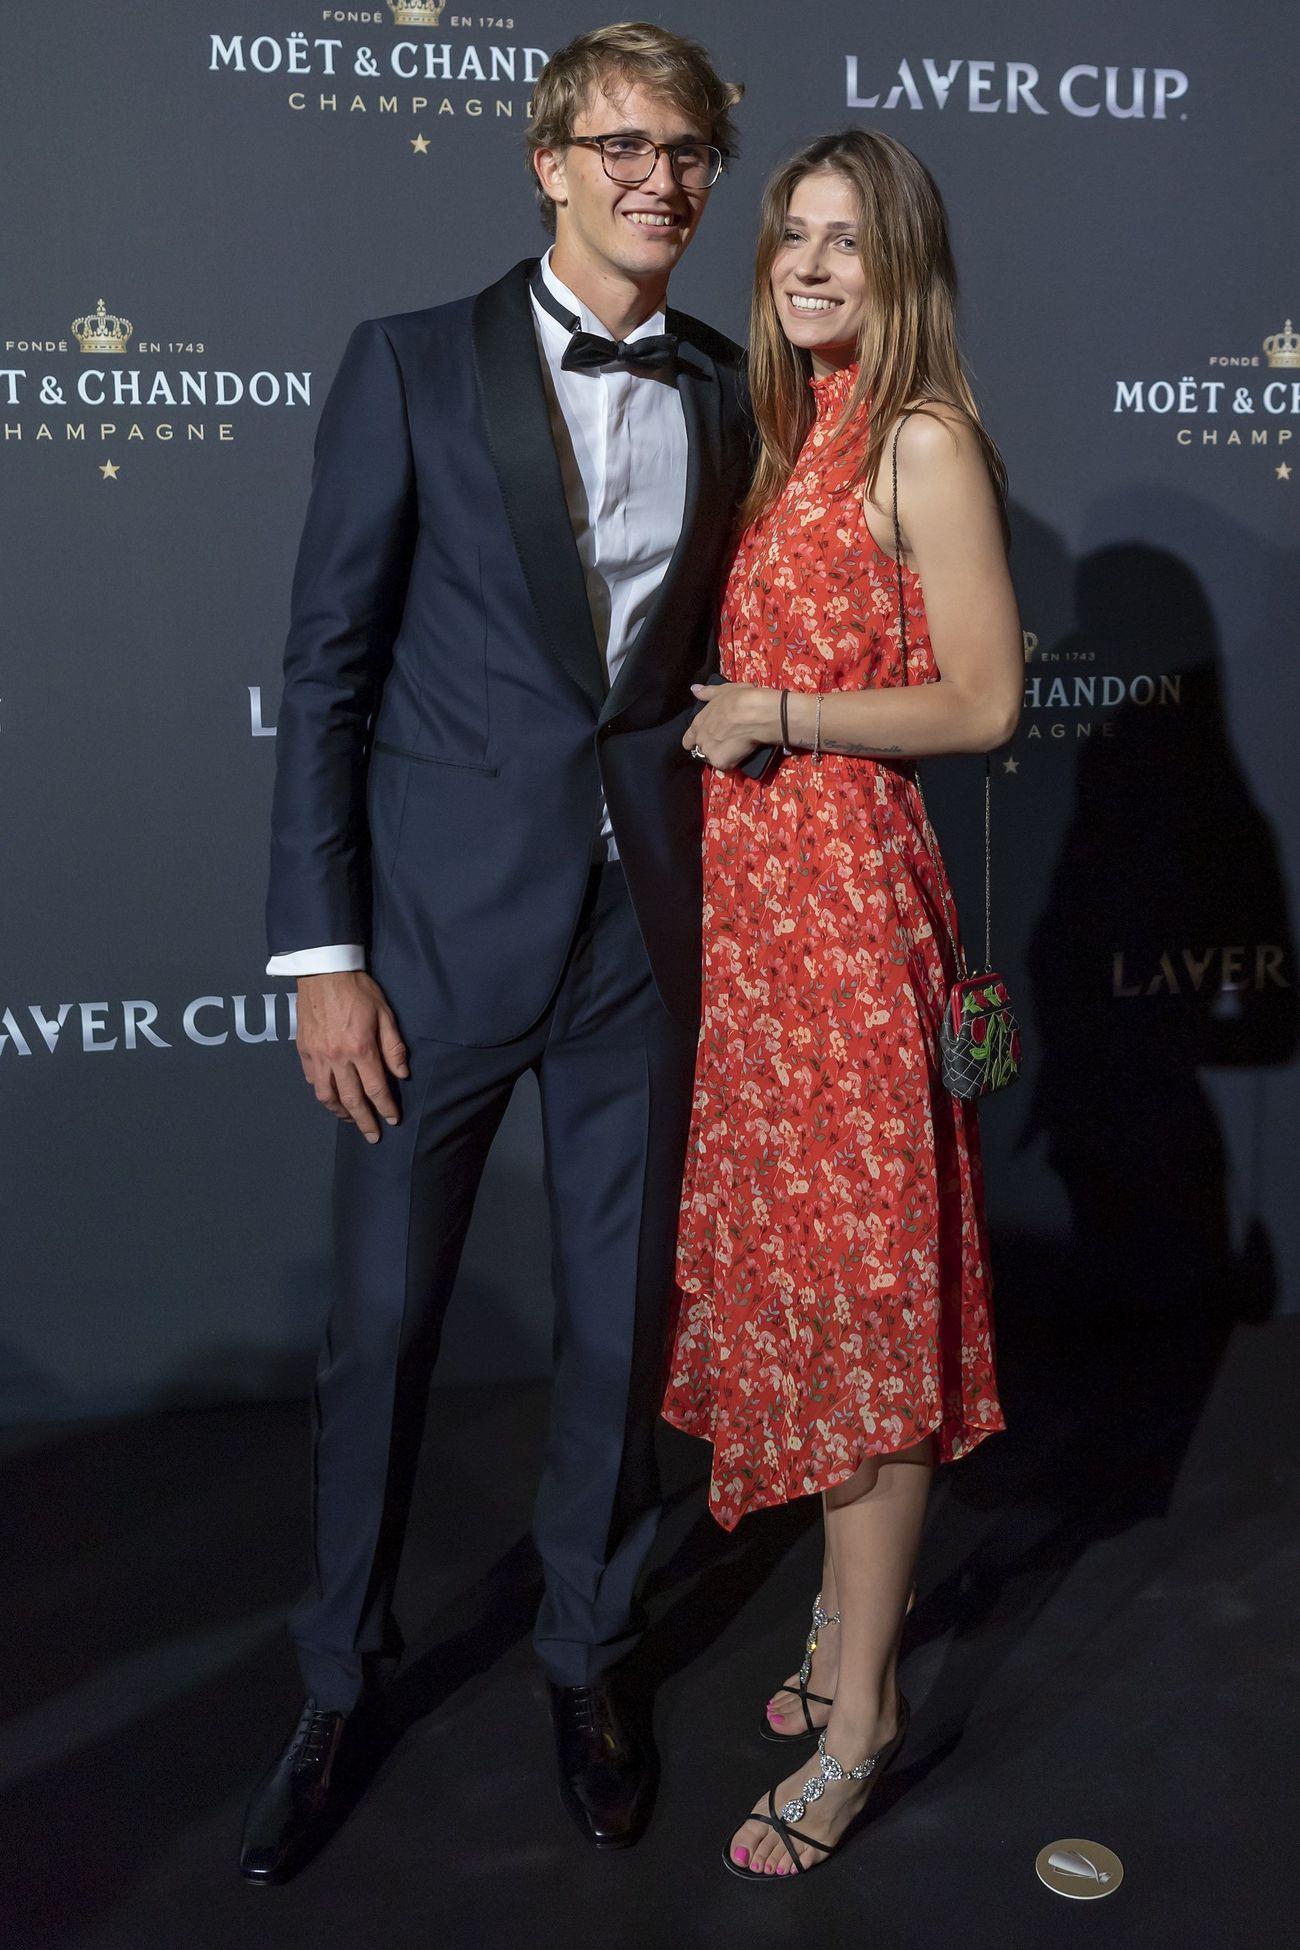 Alexander Zverev y Olya Sharypova en la alfombra roja de la noche de gala de la Laver Cup en Ginebra